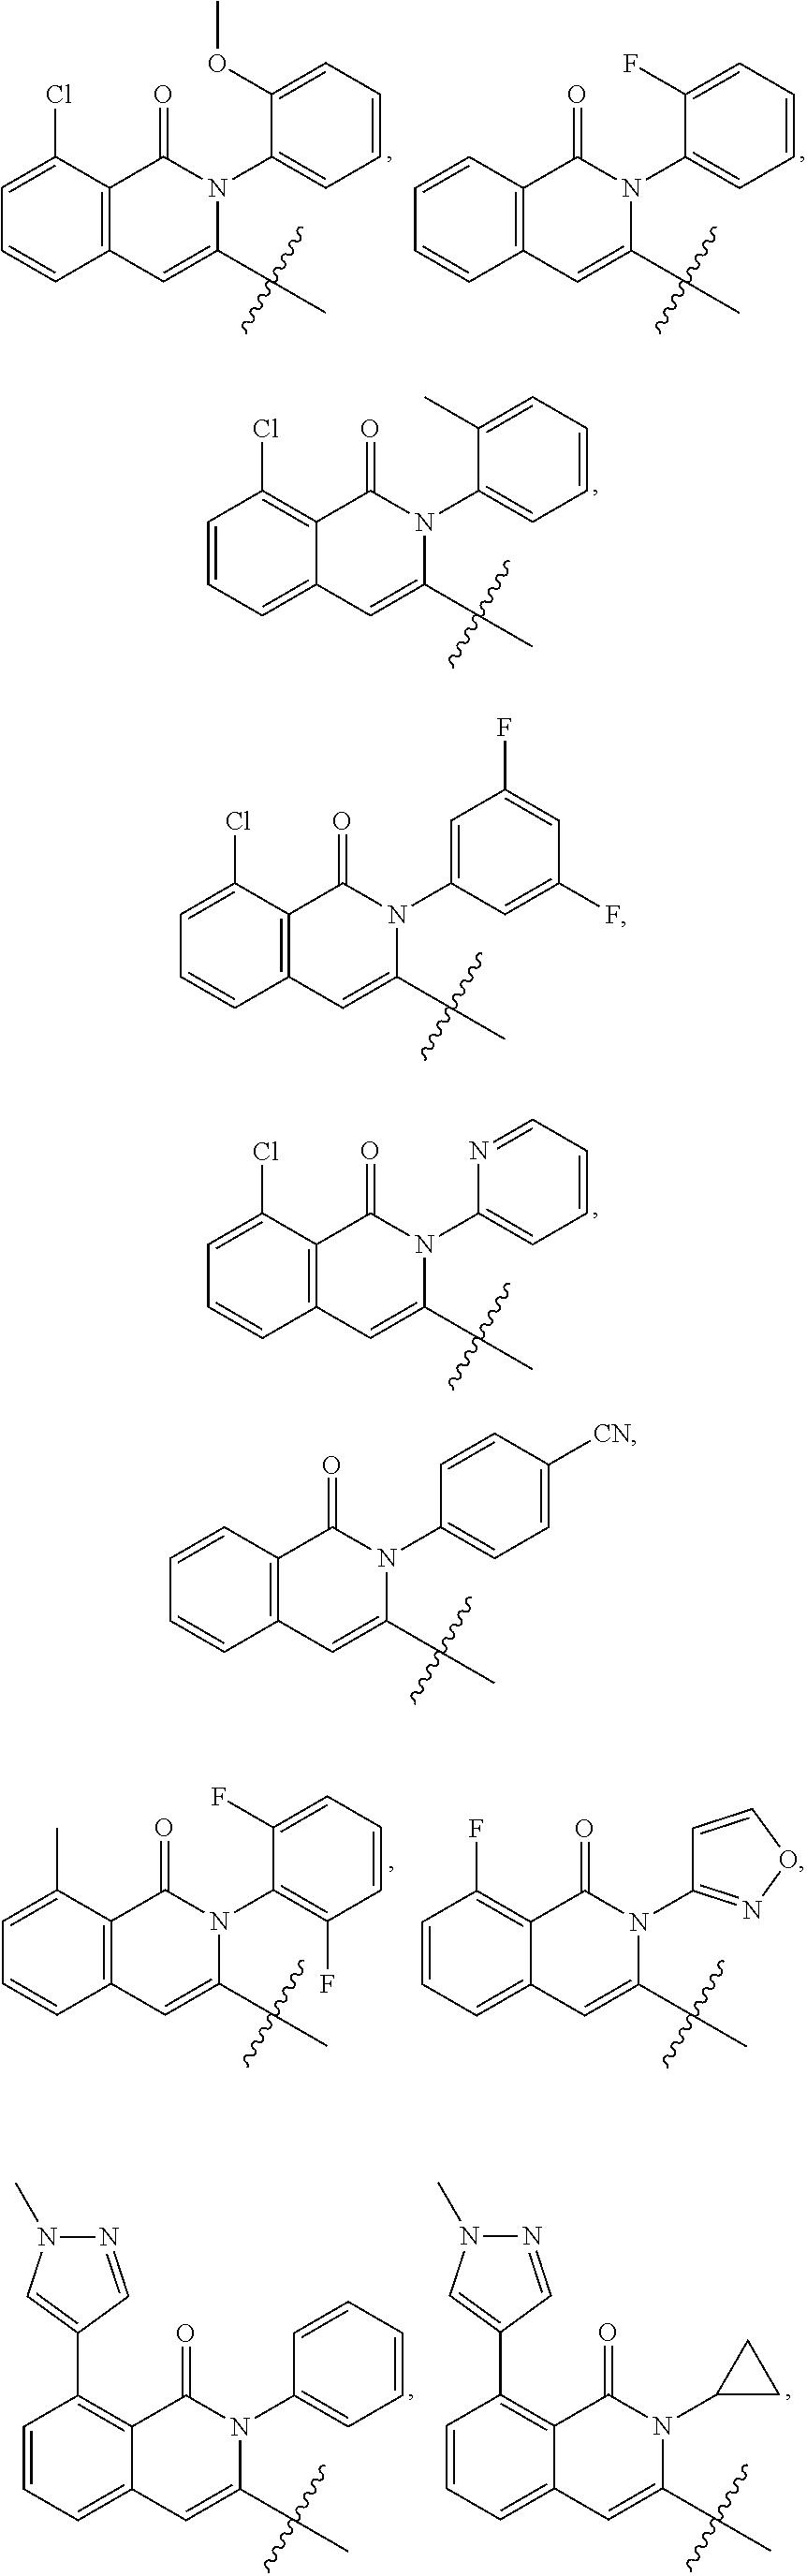 Figure US09657007-20170523-C00013